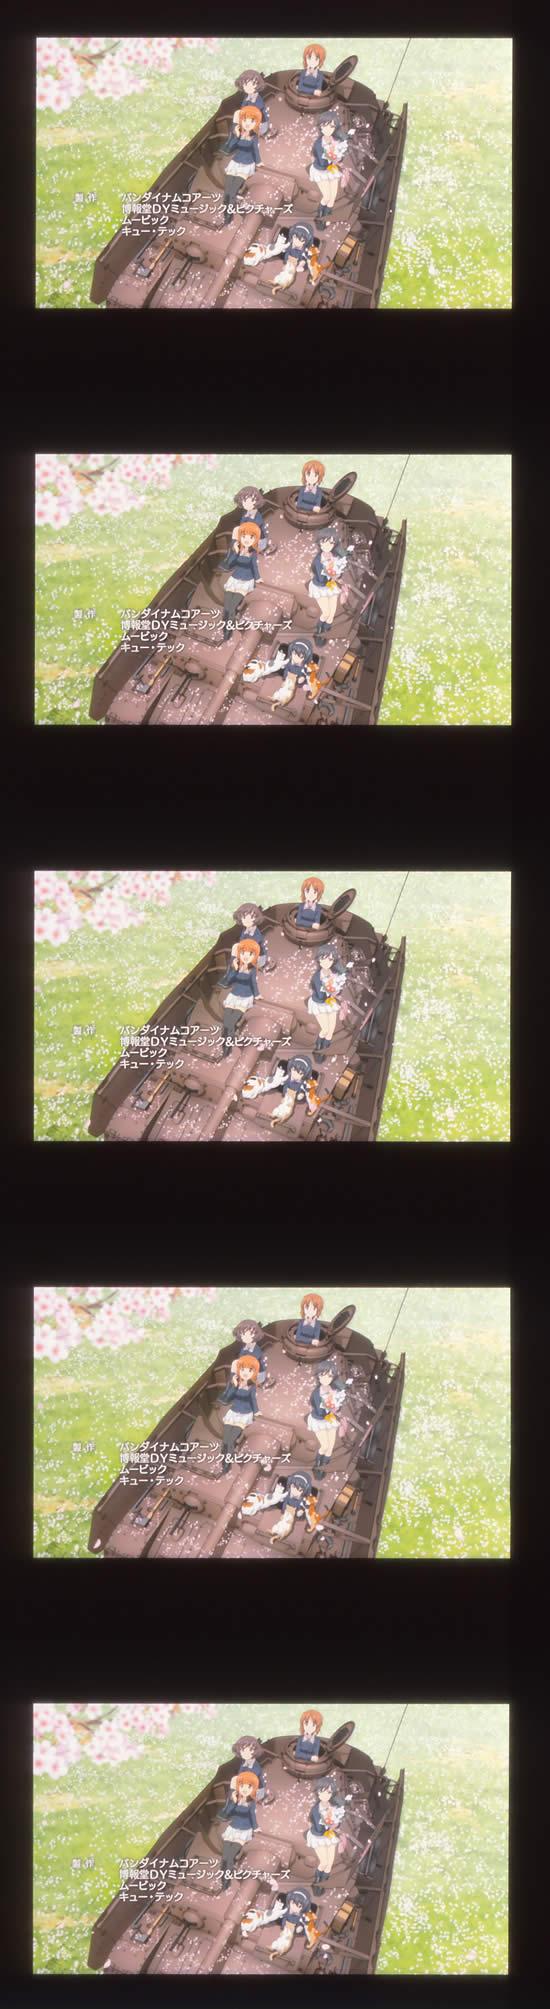 ガールズ&パンツァー 最終章 第3話 フィルム 4号戦車 オープニング あんこうチーム